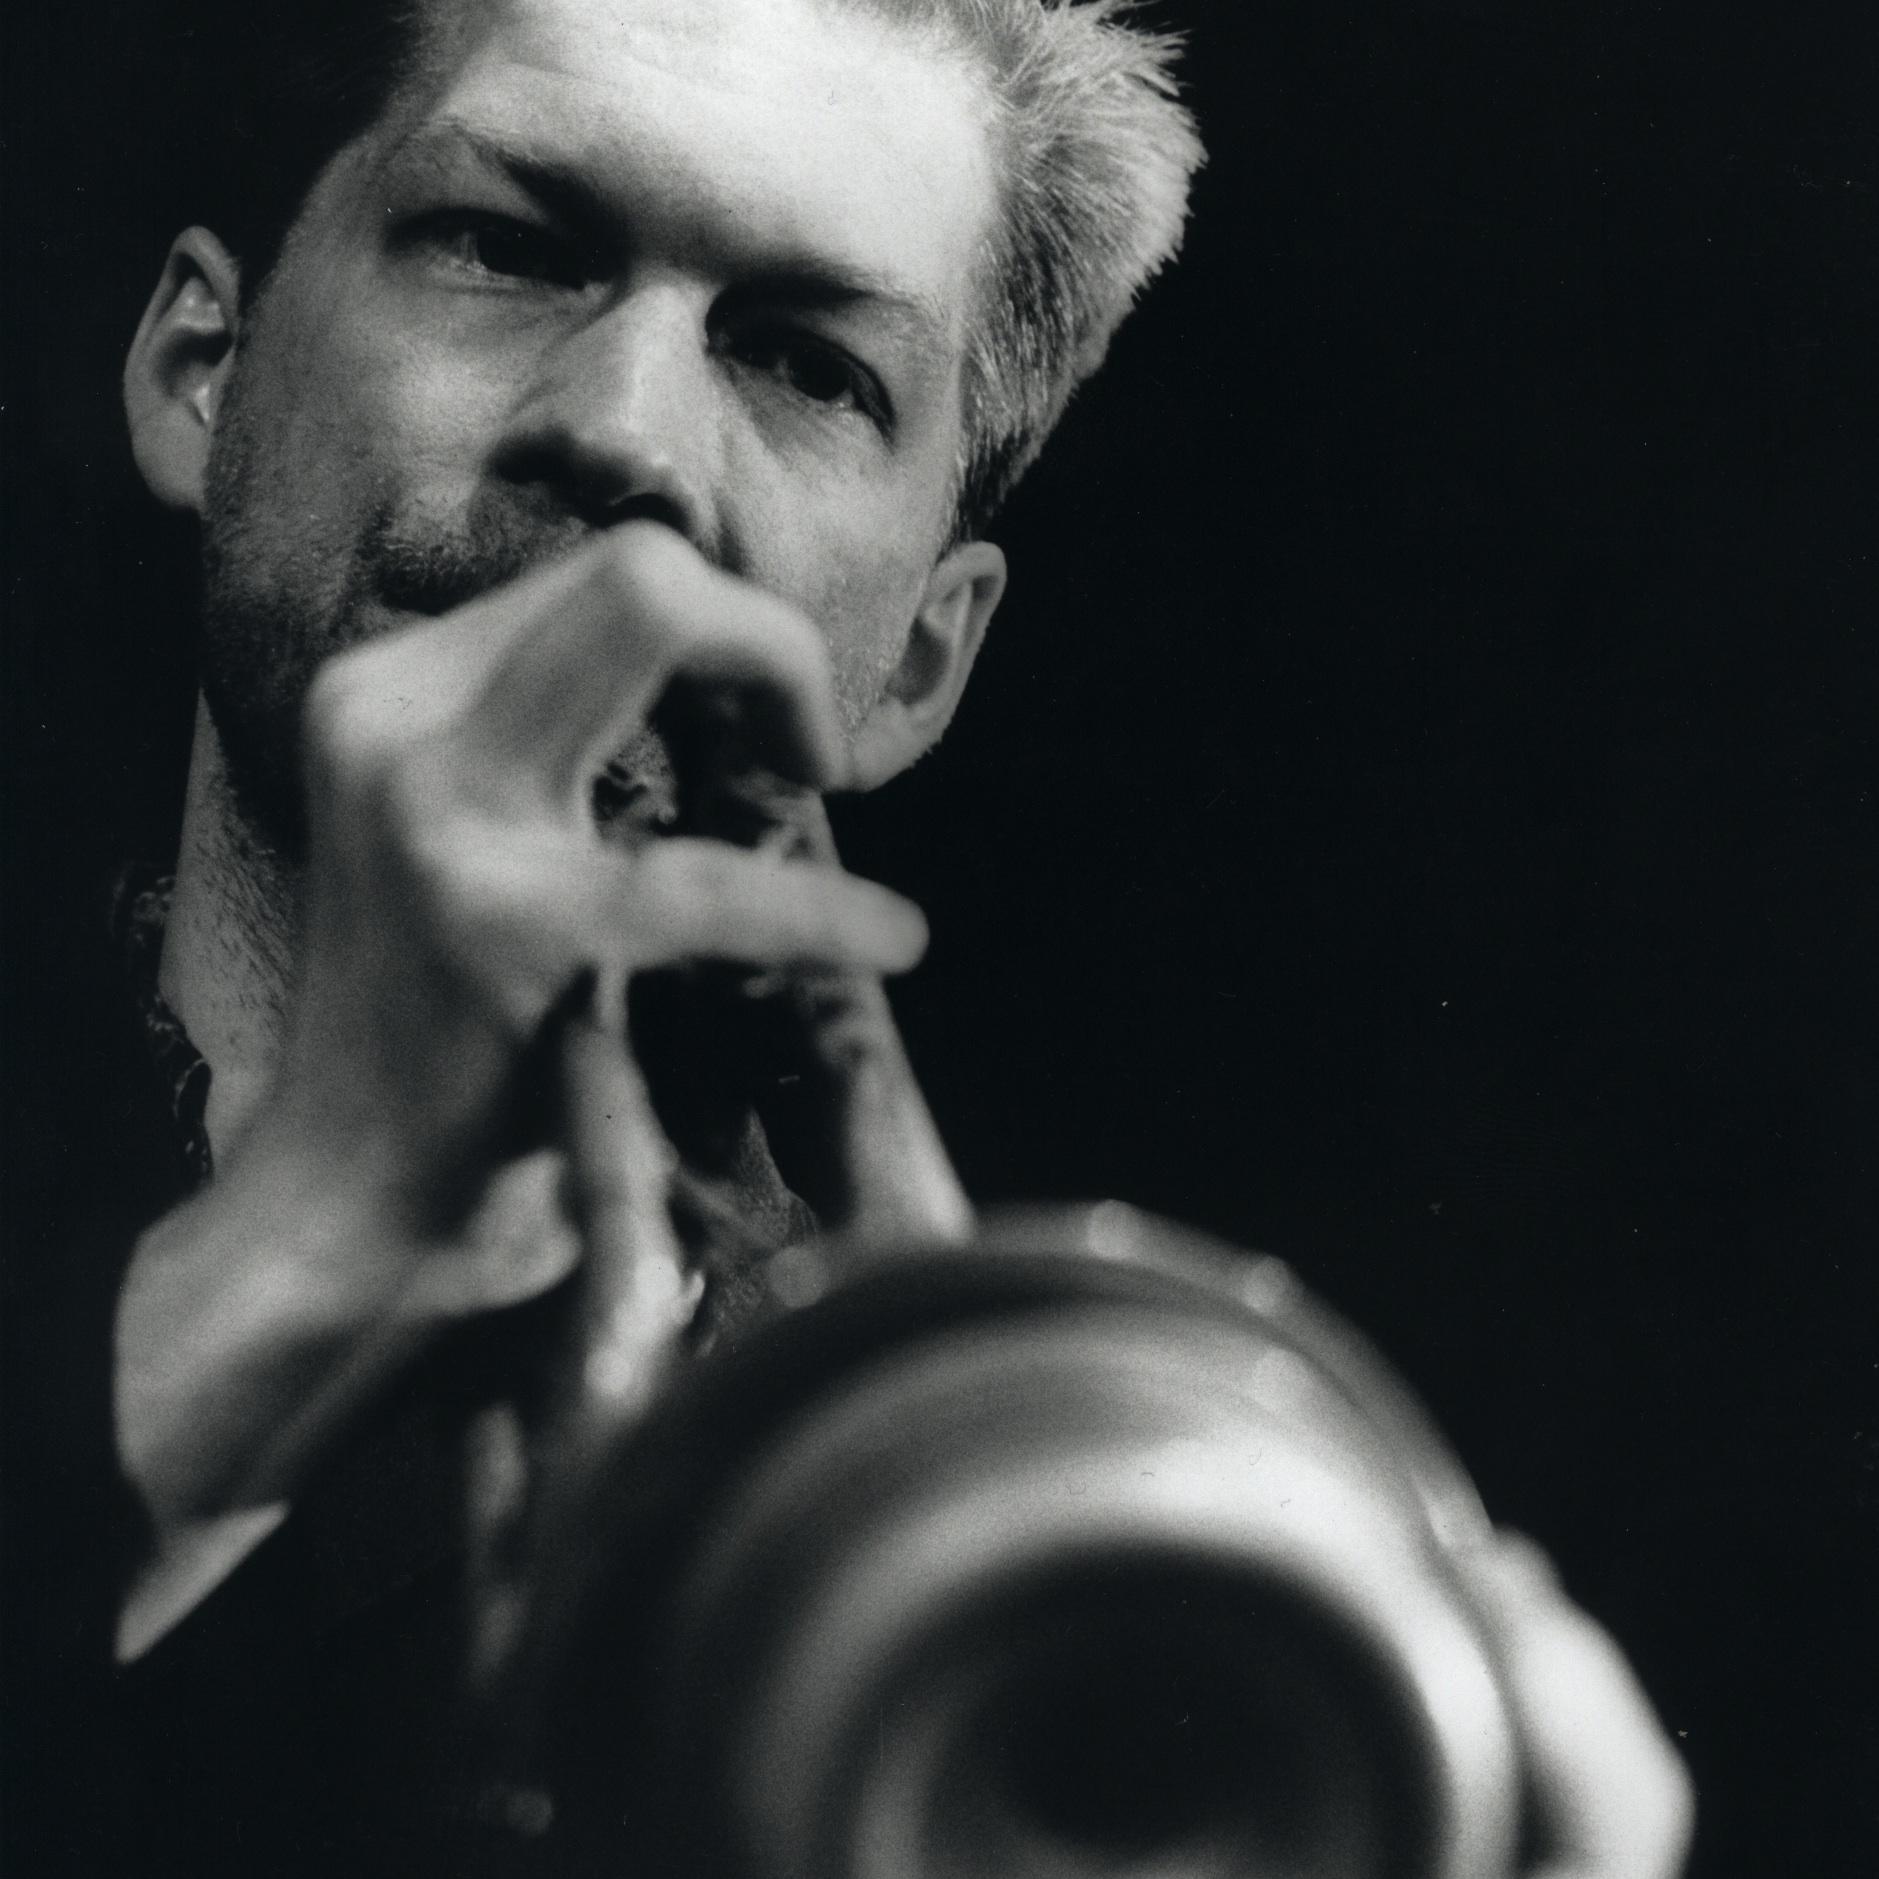 Axel Doerner